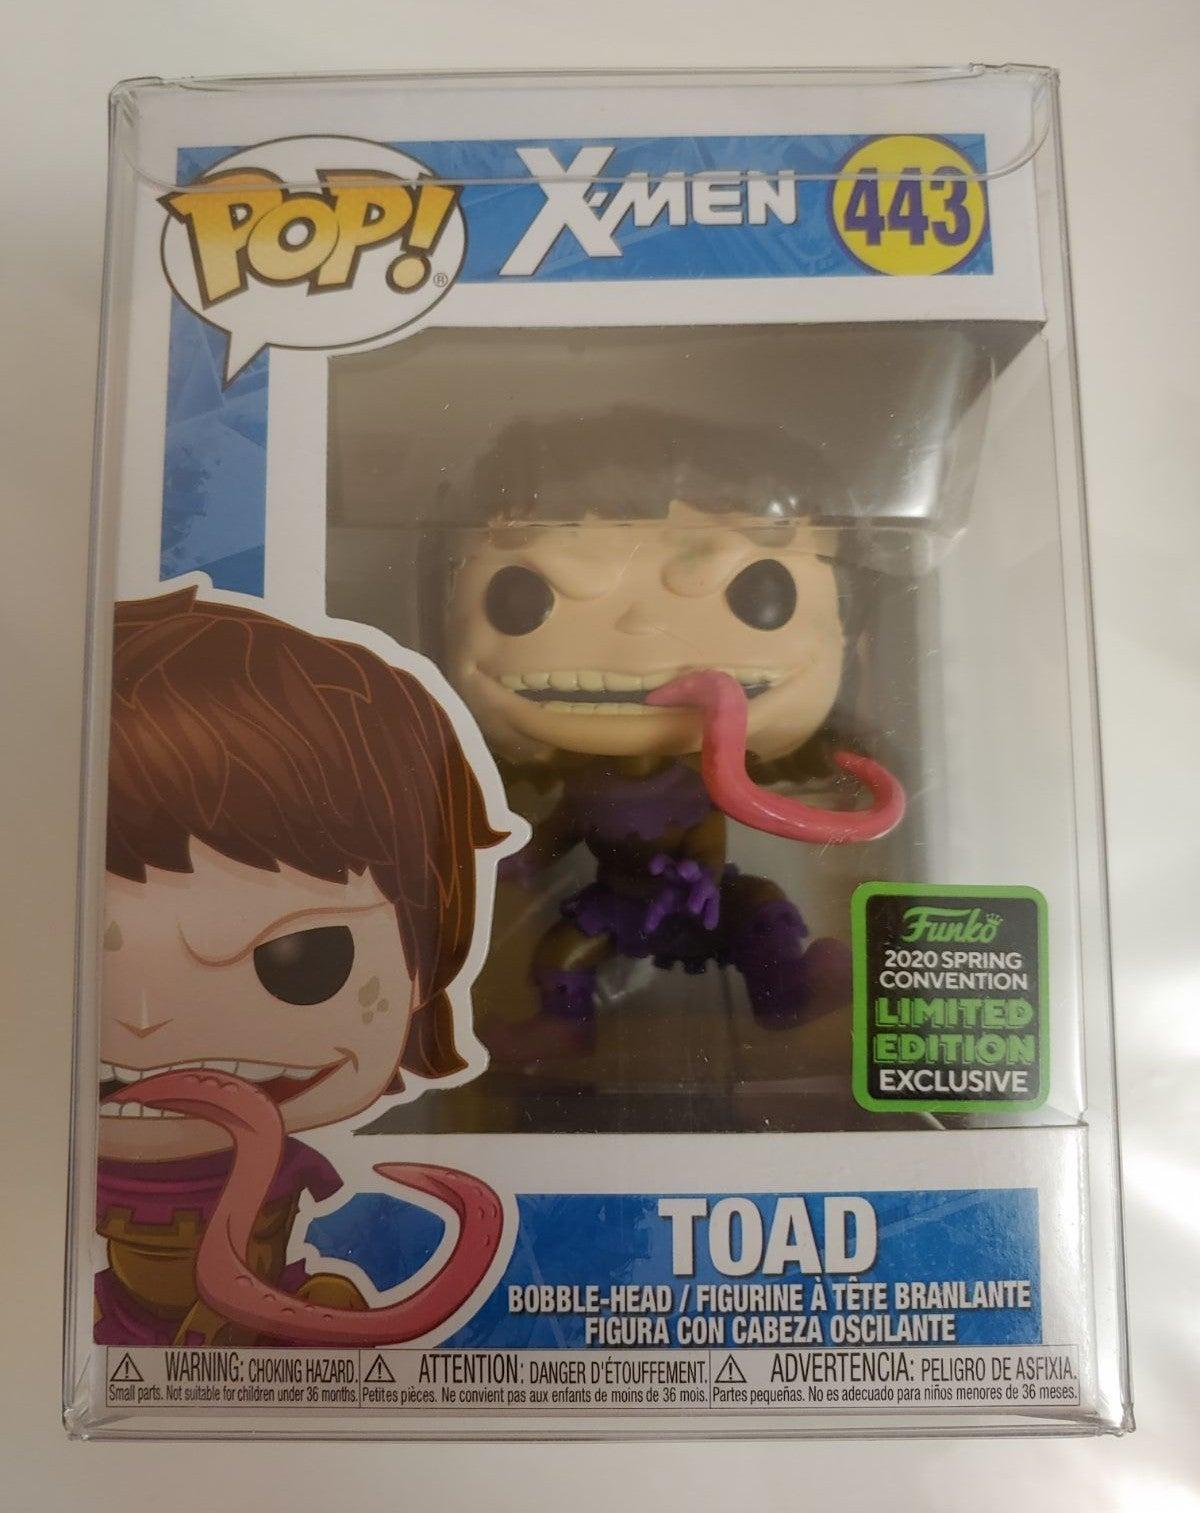 Funko Pop toad 443